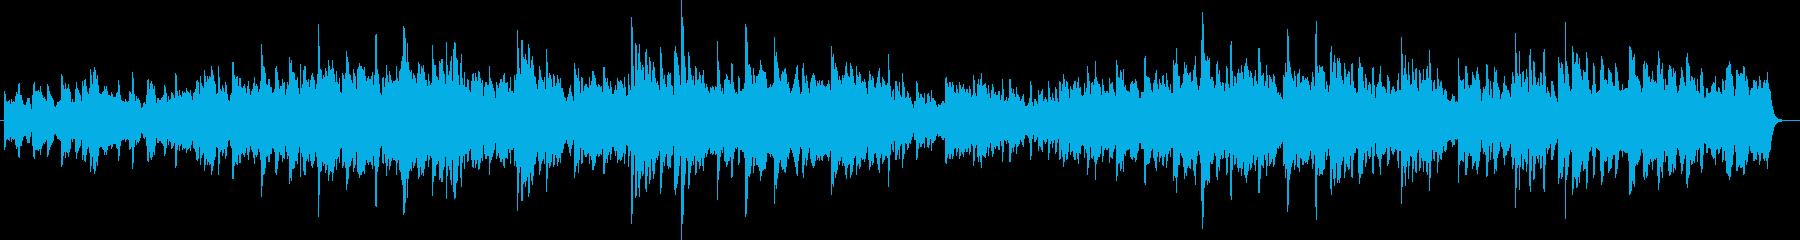 温かくて優しいピアノ曲の再生済みの波形